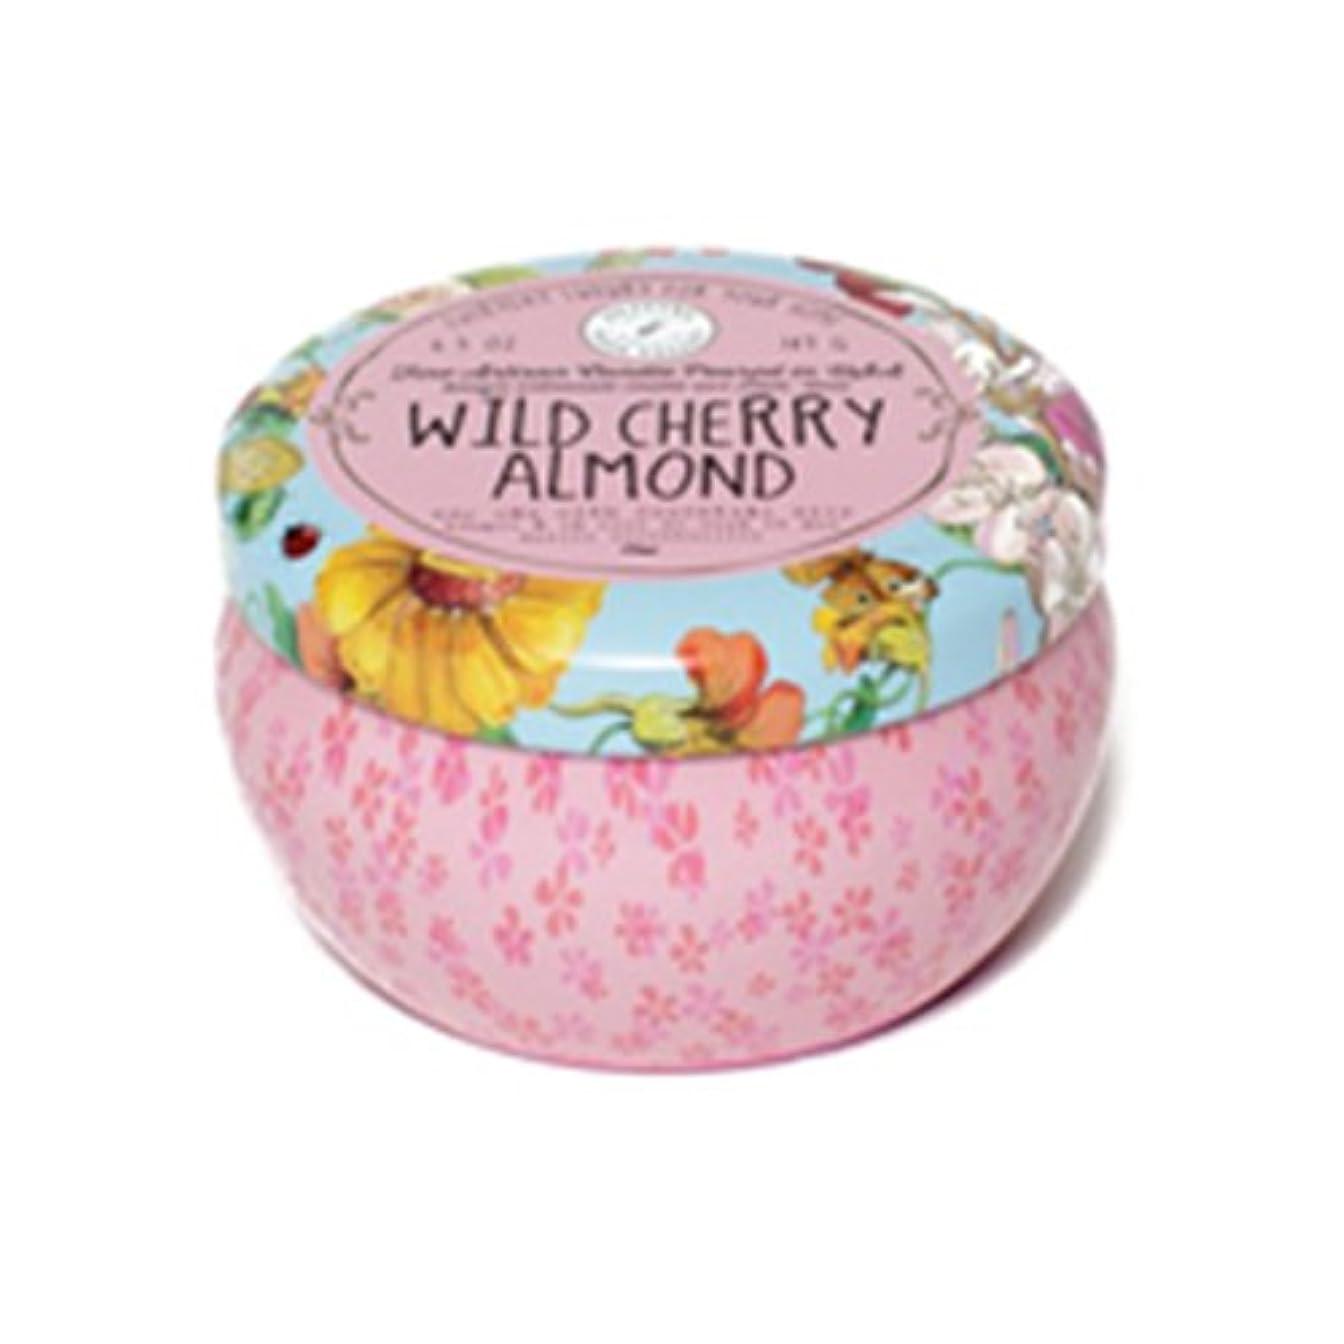 反対に特別なバーマドNapa Valley Apothecary wild cherry almond ワイルドチェリーアーモンド 缶キャンドル tin candle ナパバレーアポセカリー Olivina オリビーナ